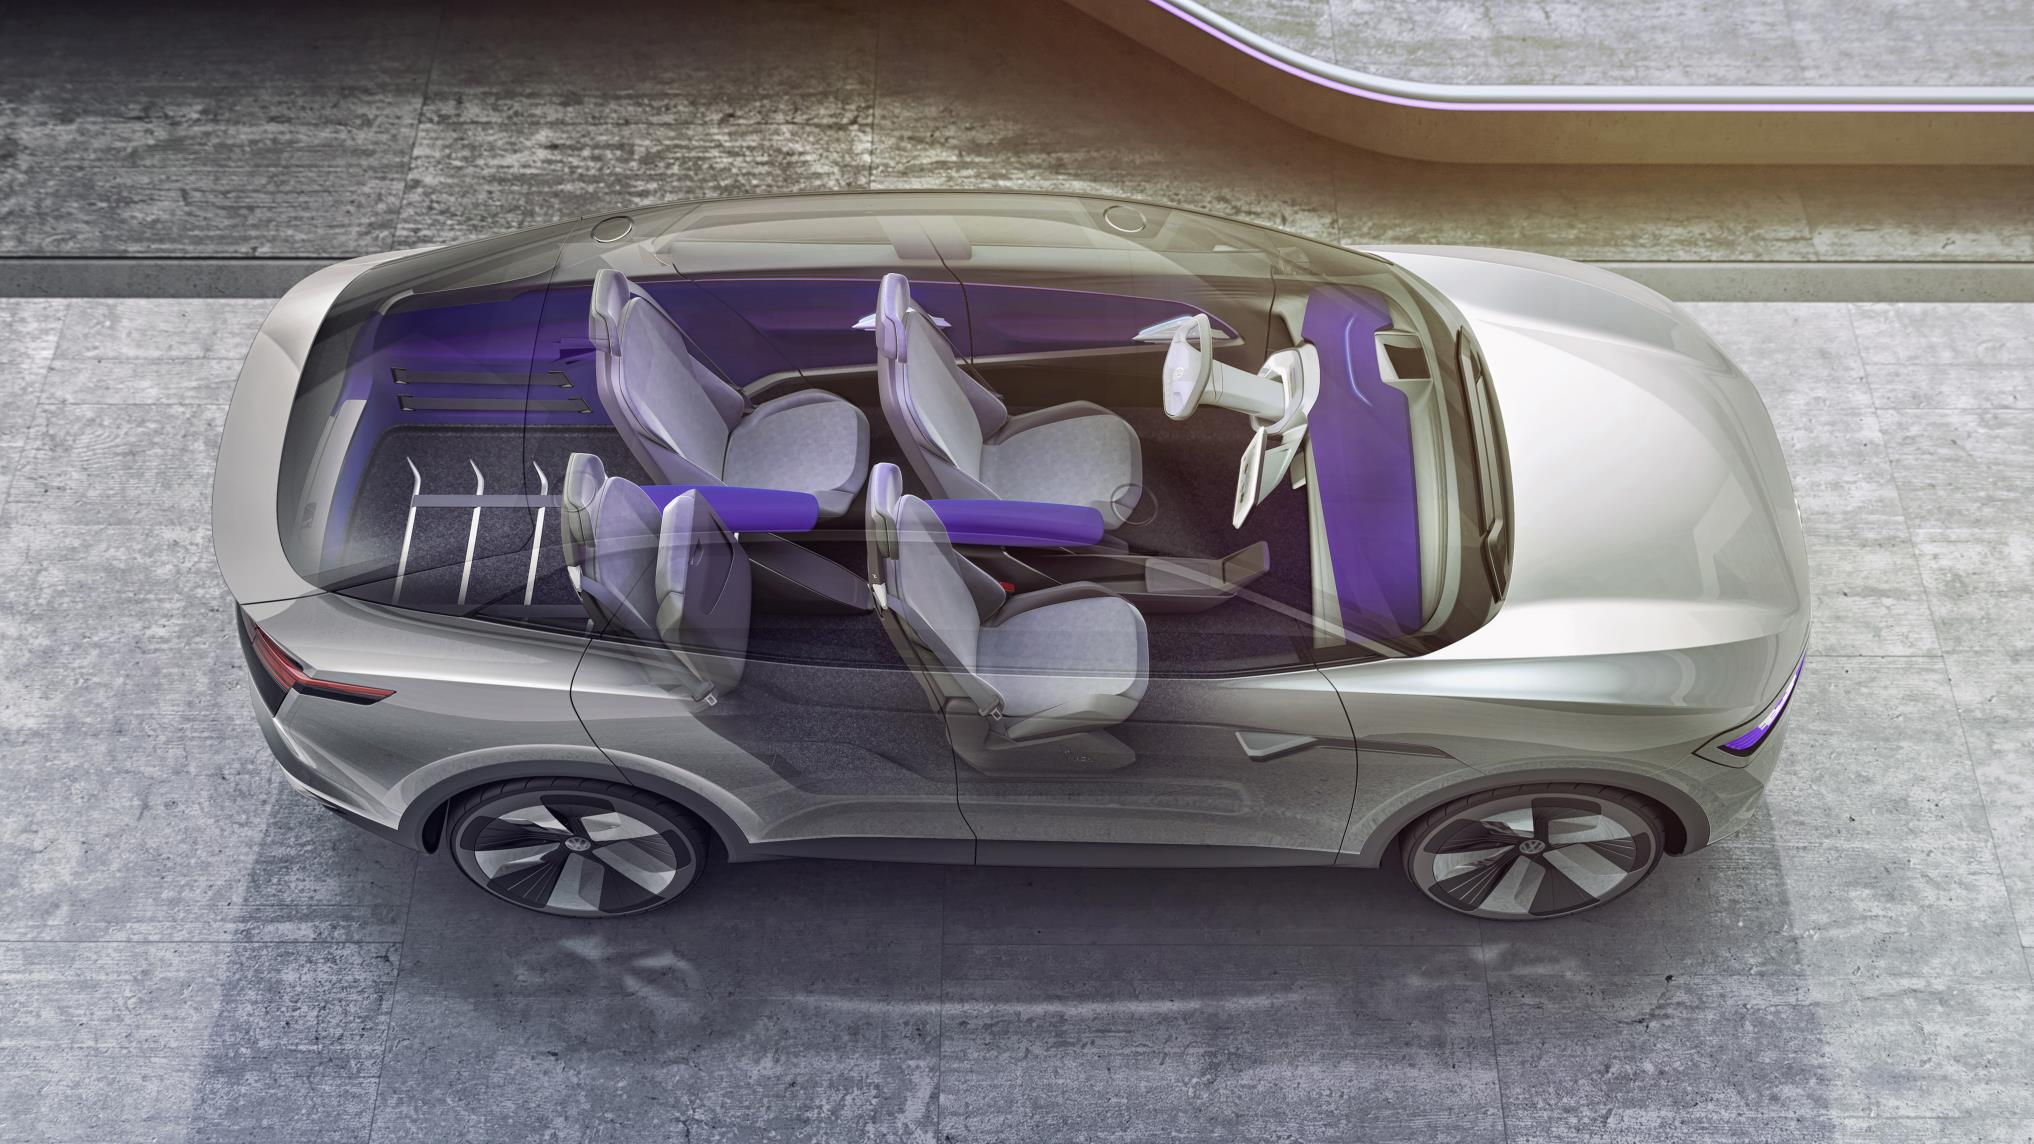 Благодаря этому остается много места для полной интеграции аккумулятора в пол автомобиля, что также имеет дополнительное преимущество: низкий центр тяжести и улучшенное управление.